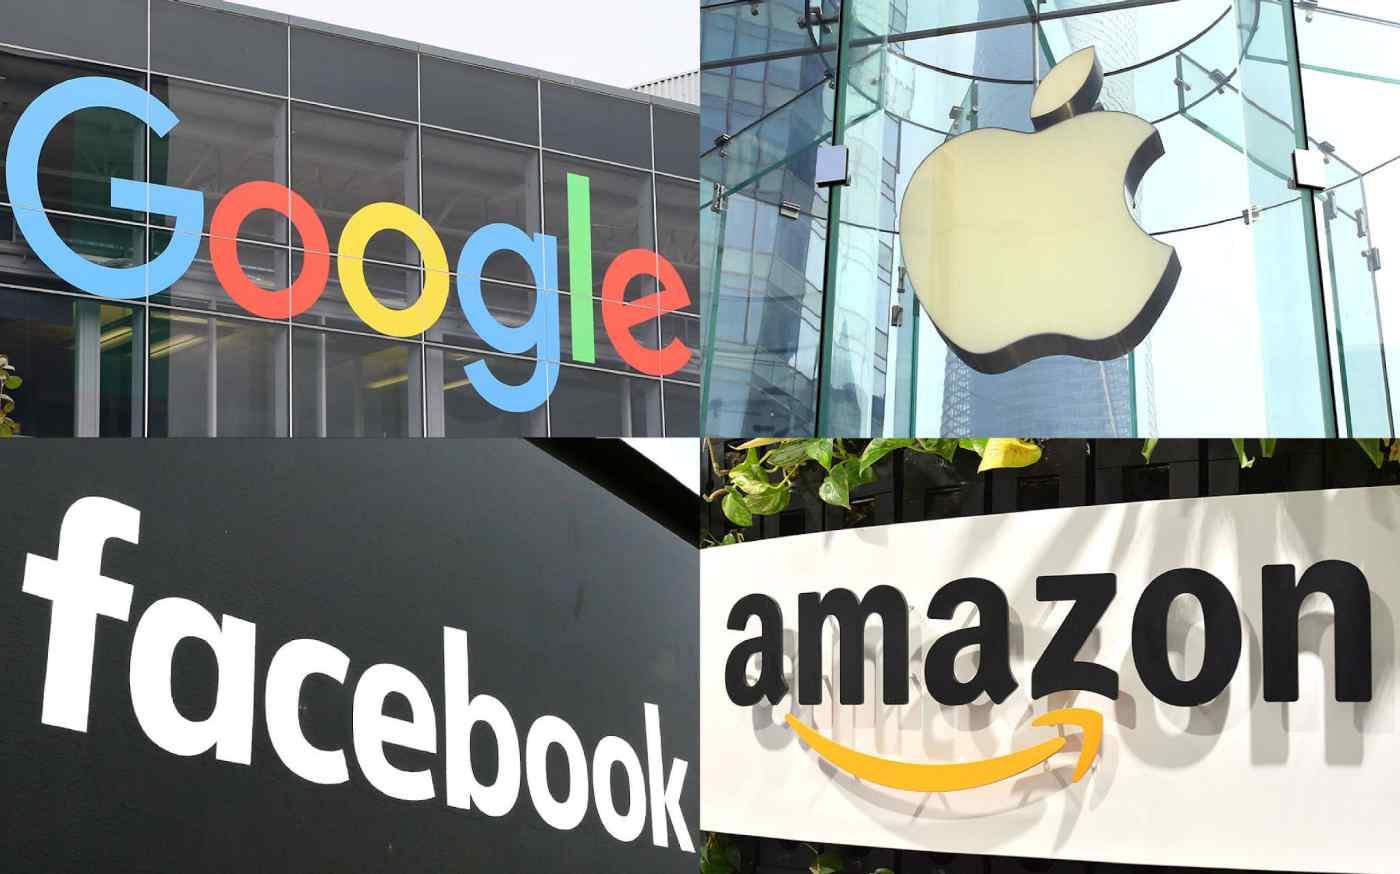 Nhiều quốc gia trên thế giới đang đẩy mạnh nỗ lực đánh thuế Big Tech, bao gồm Google, Apple, Facebook và Amazon.com. (Ảnh của Shinya Sawai, Kosaku Mimura và Wataru Ito)